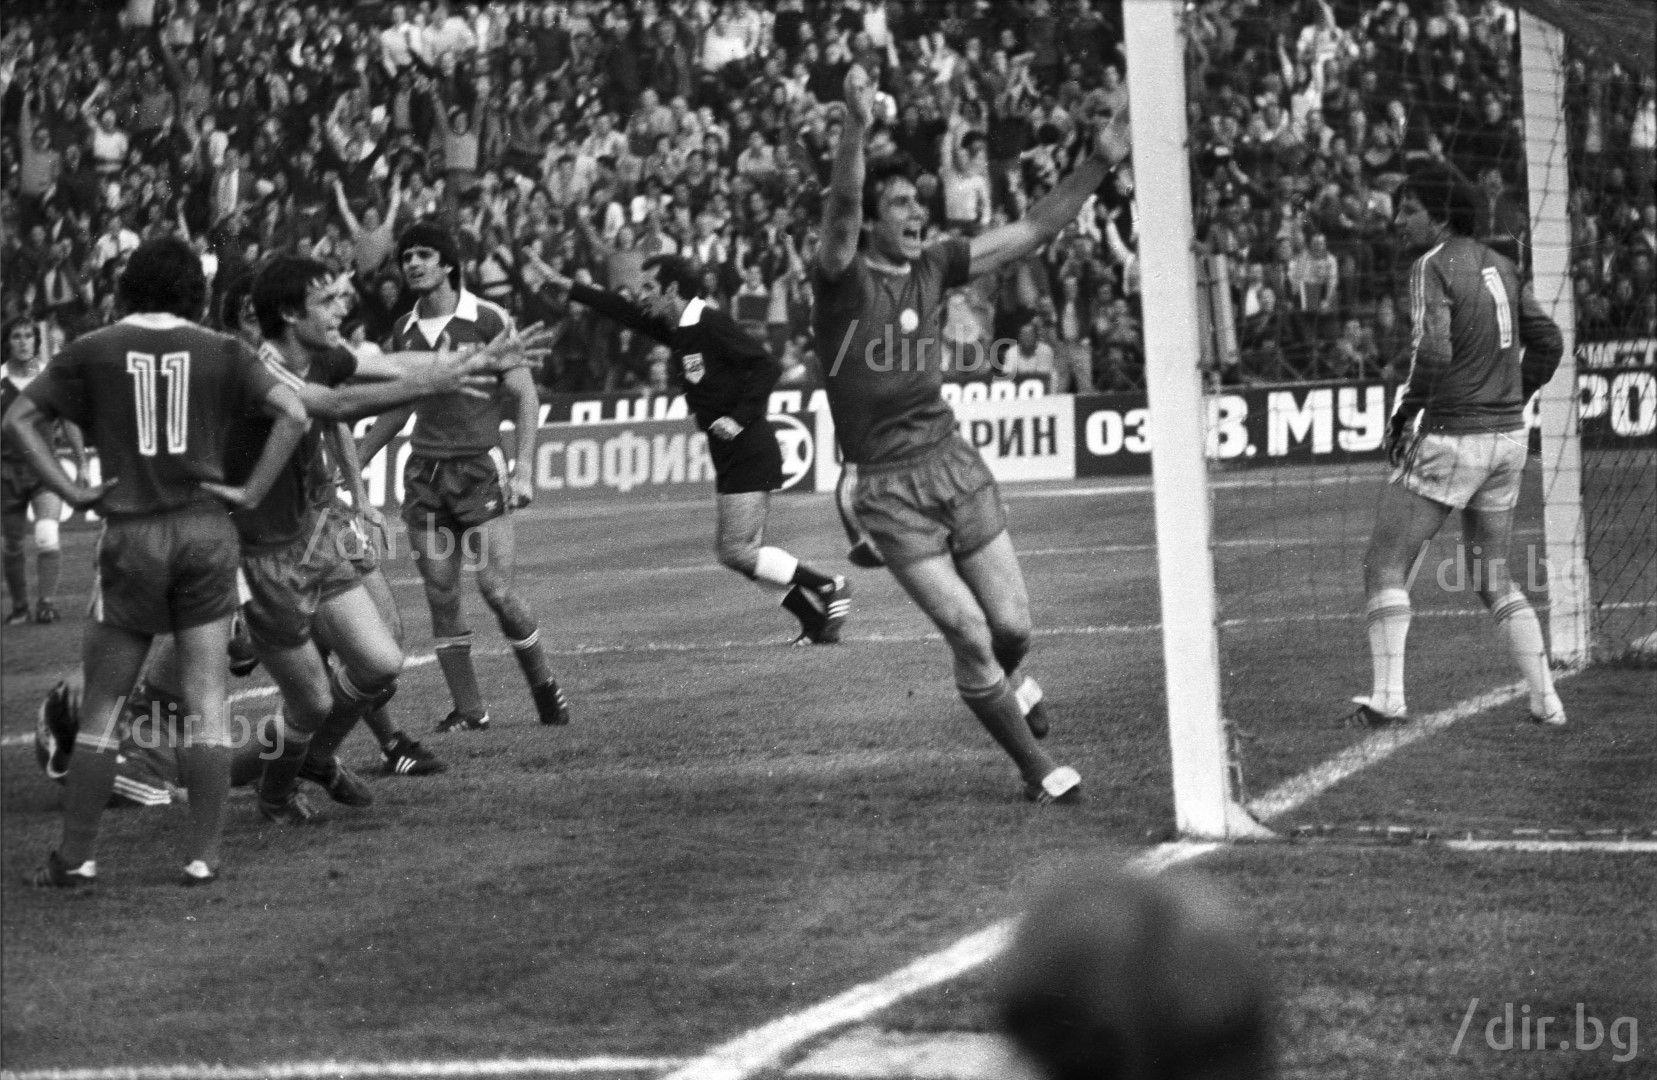 Октомври 1980 г., Спас Джевизов бележи в мача (2:2), а той е герой за ЦСКА и при 3:2 по-рано същата година с 2 попадения